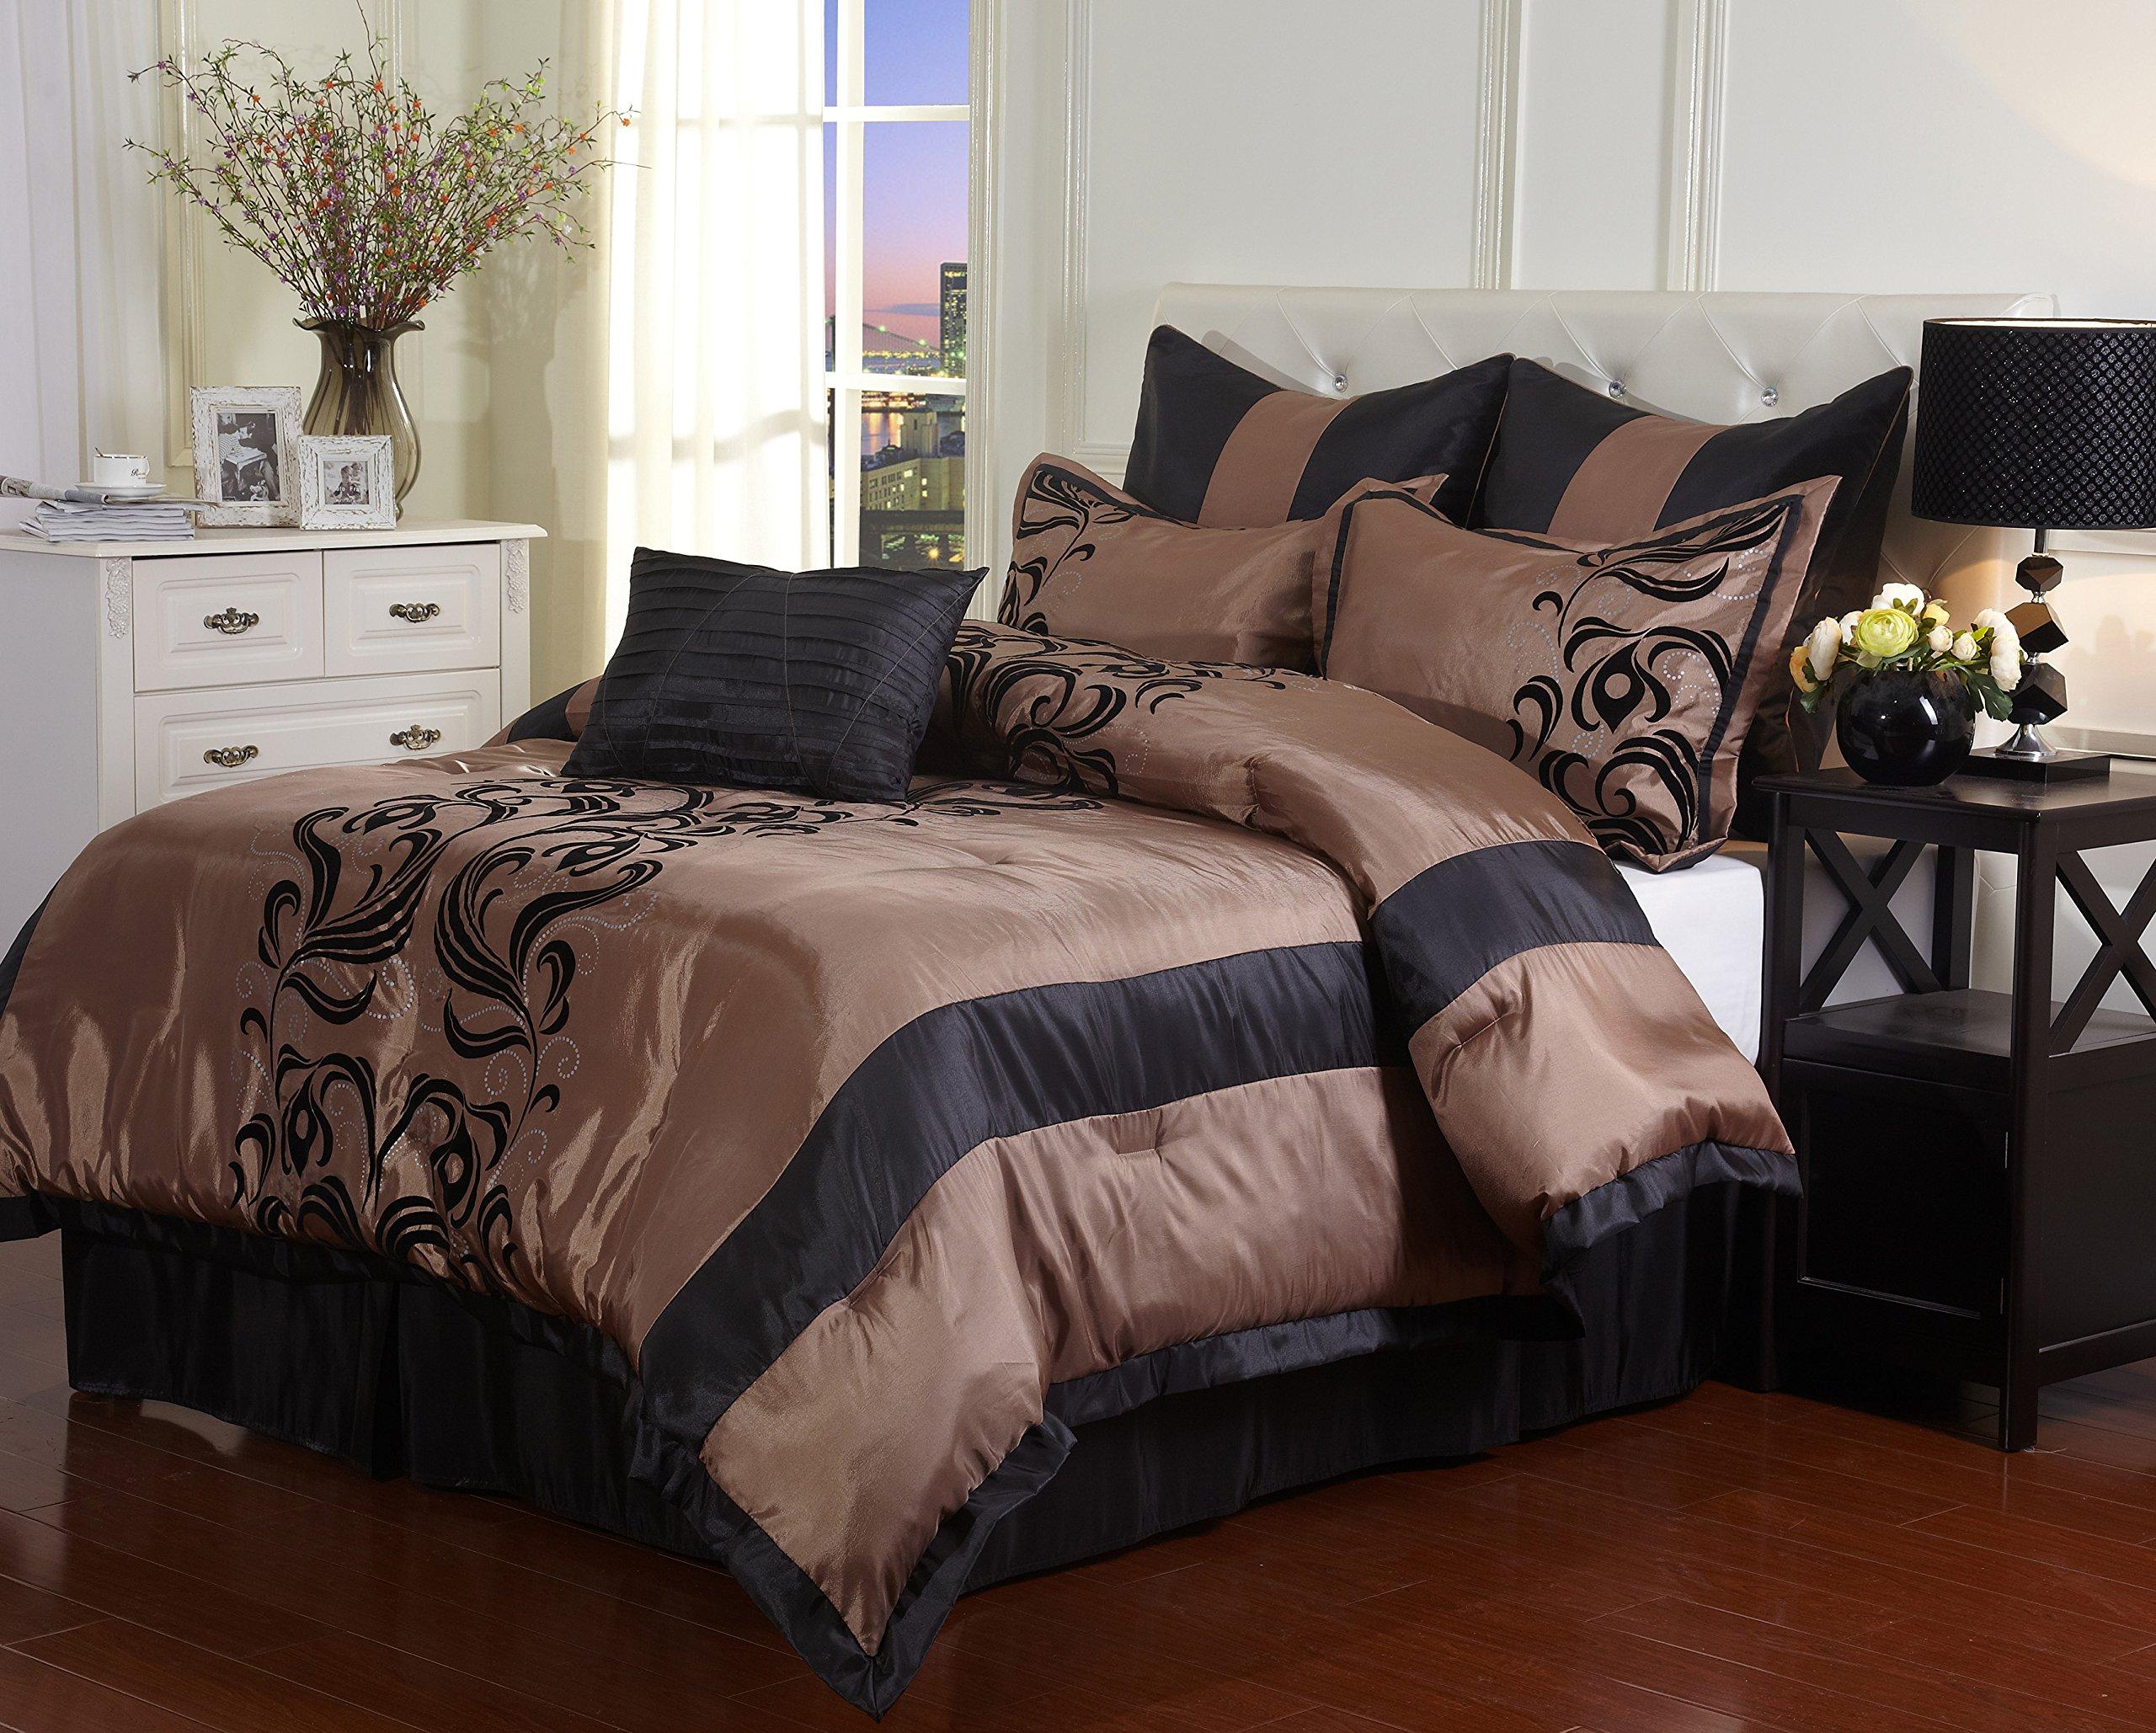 Nanshing America Madeline 7 Piece Bedding Set, California King, Bronze/Black